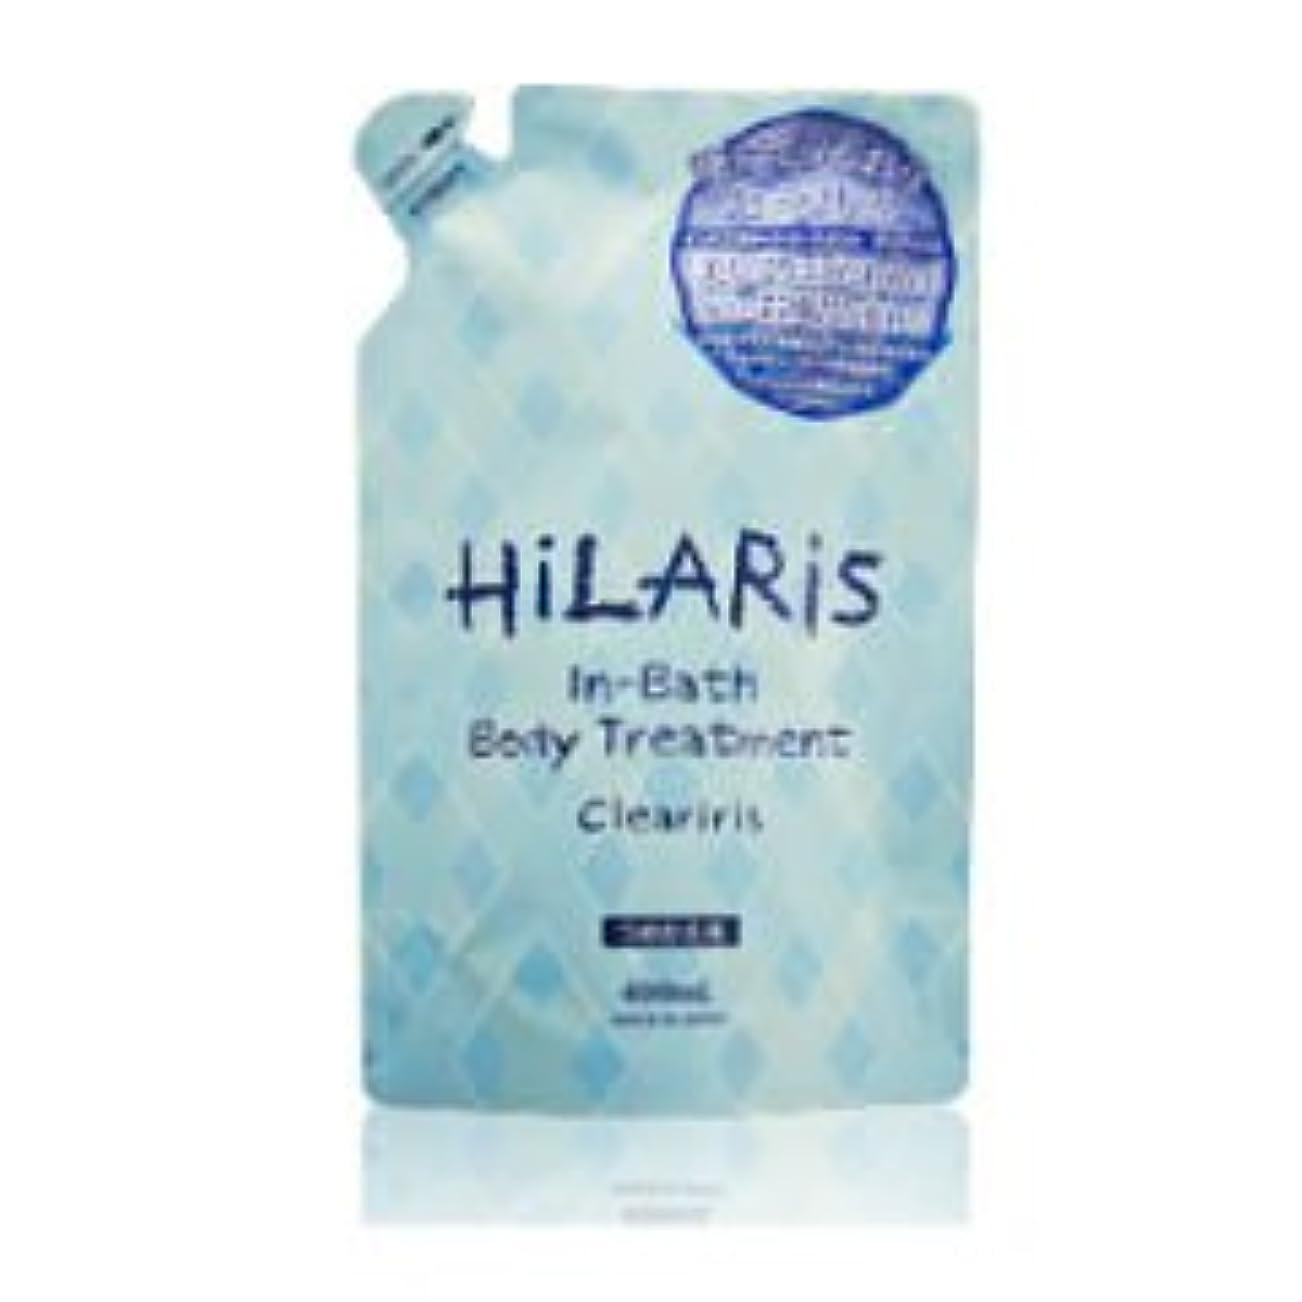 証言するエンディング興味ヒラリス(HiLARiS)クリアイリスインバスボディトリートメント詰替